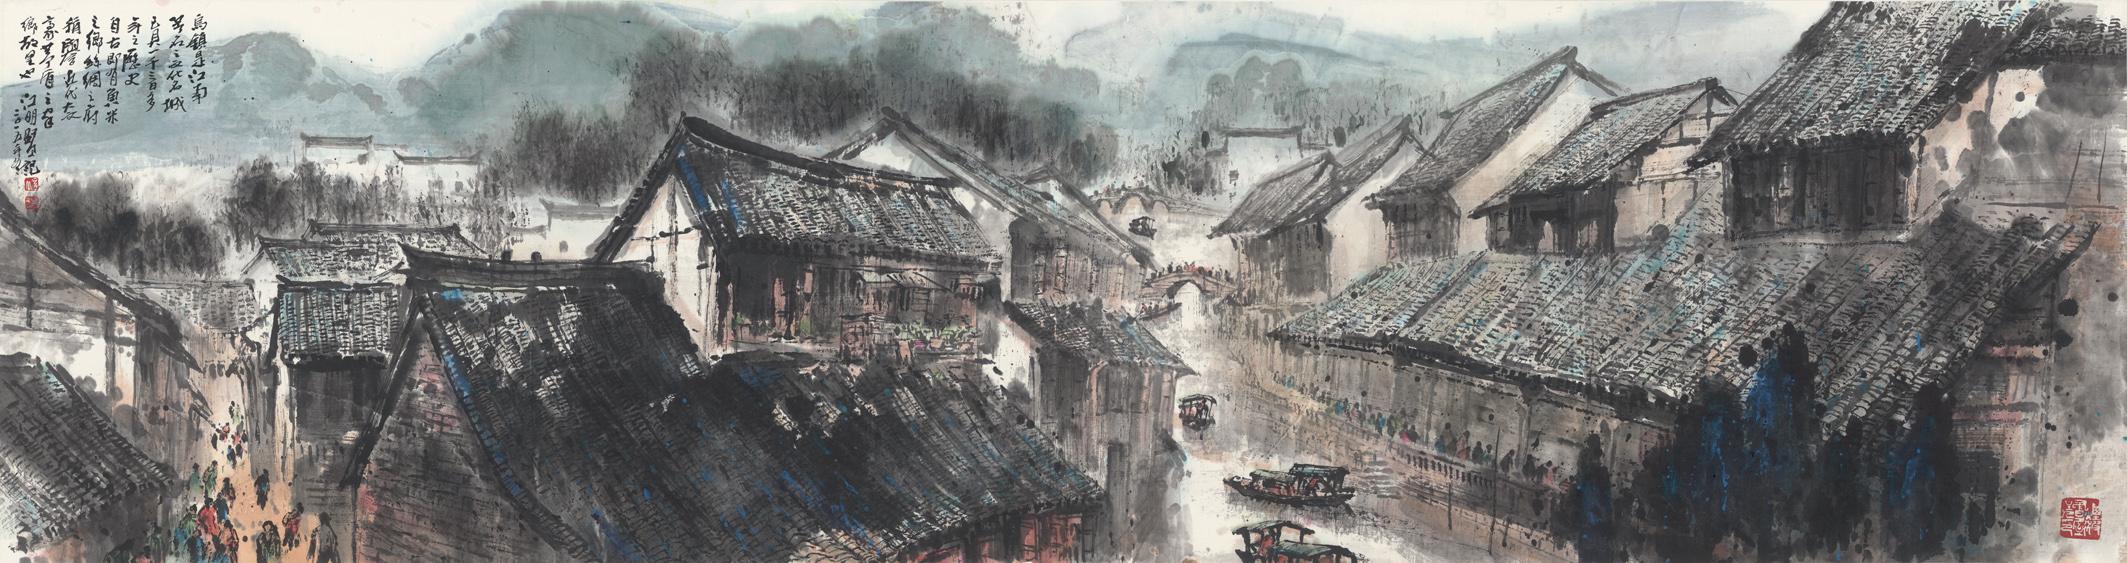 江明賢 烏鎮(二) 48x180cm 2015